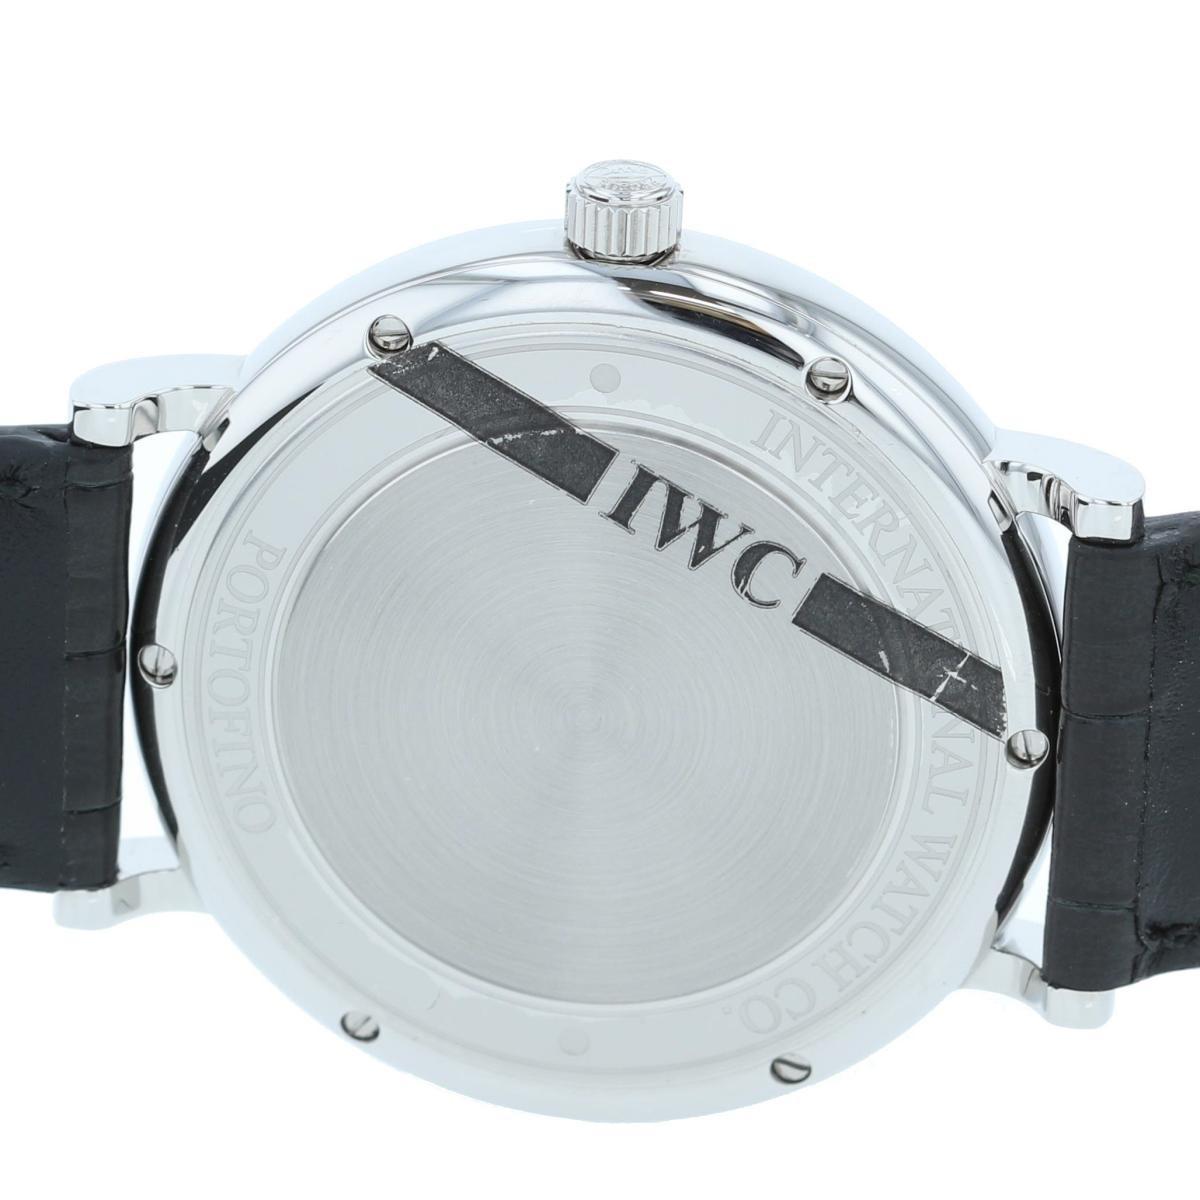 【お値下げ品】【即日発送・水曜定休日・木曜発送】【美品】【中古】【RI】 IWC (アイダブルシー) ポートフィノ 時計 自動巻き/メンズ Portofino Silver IW356501 used:A